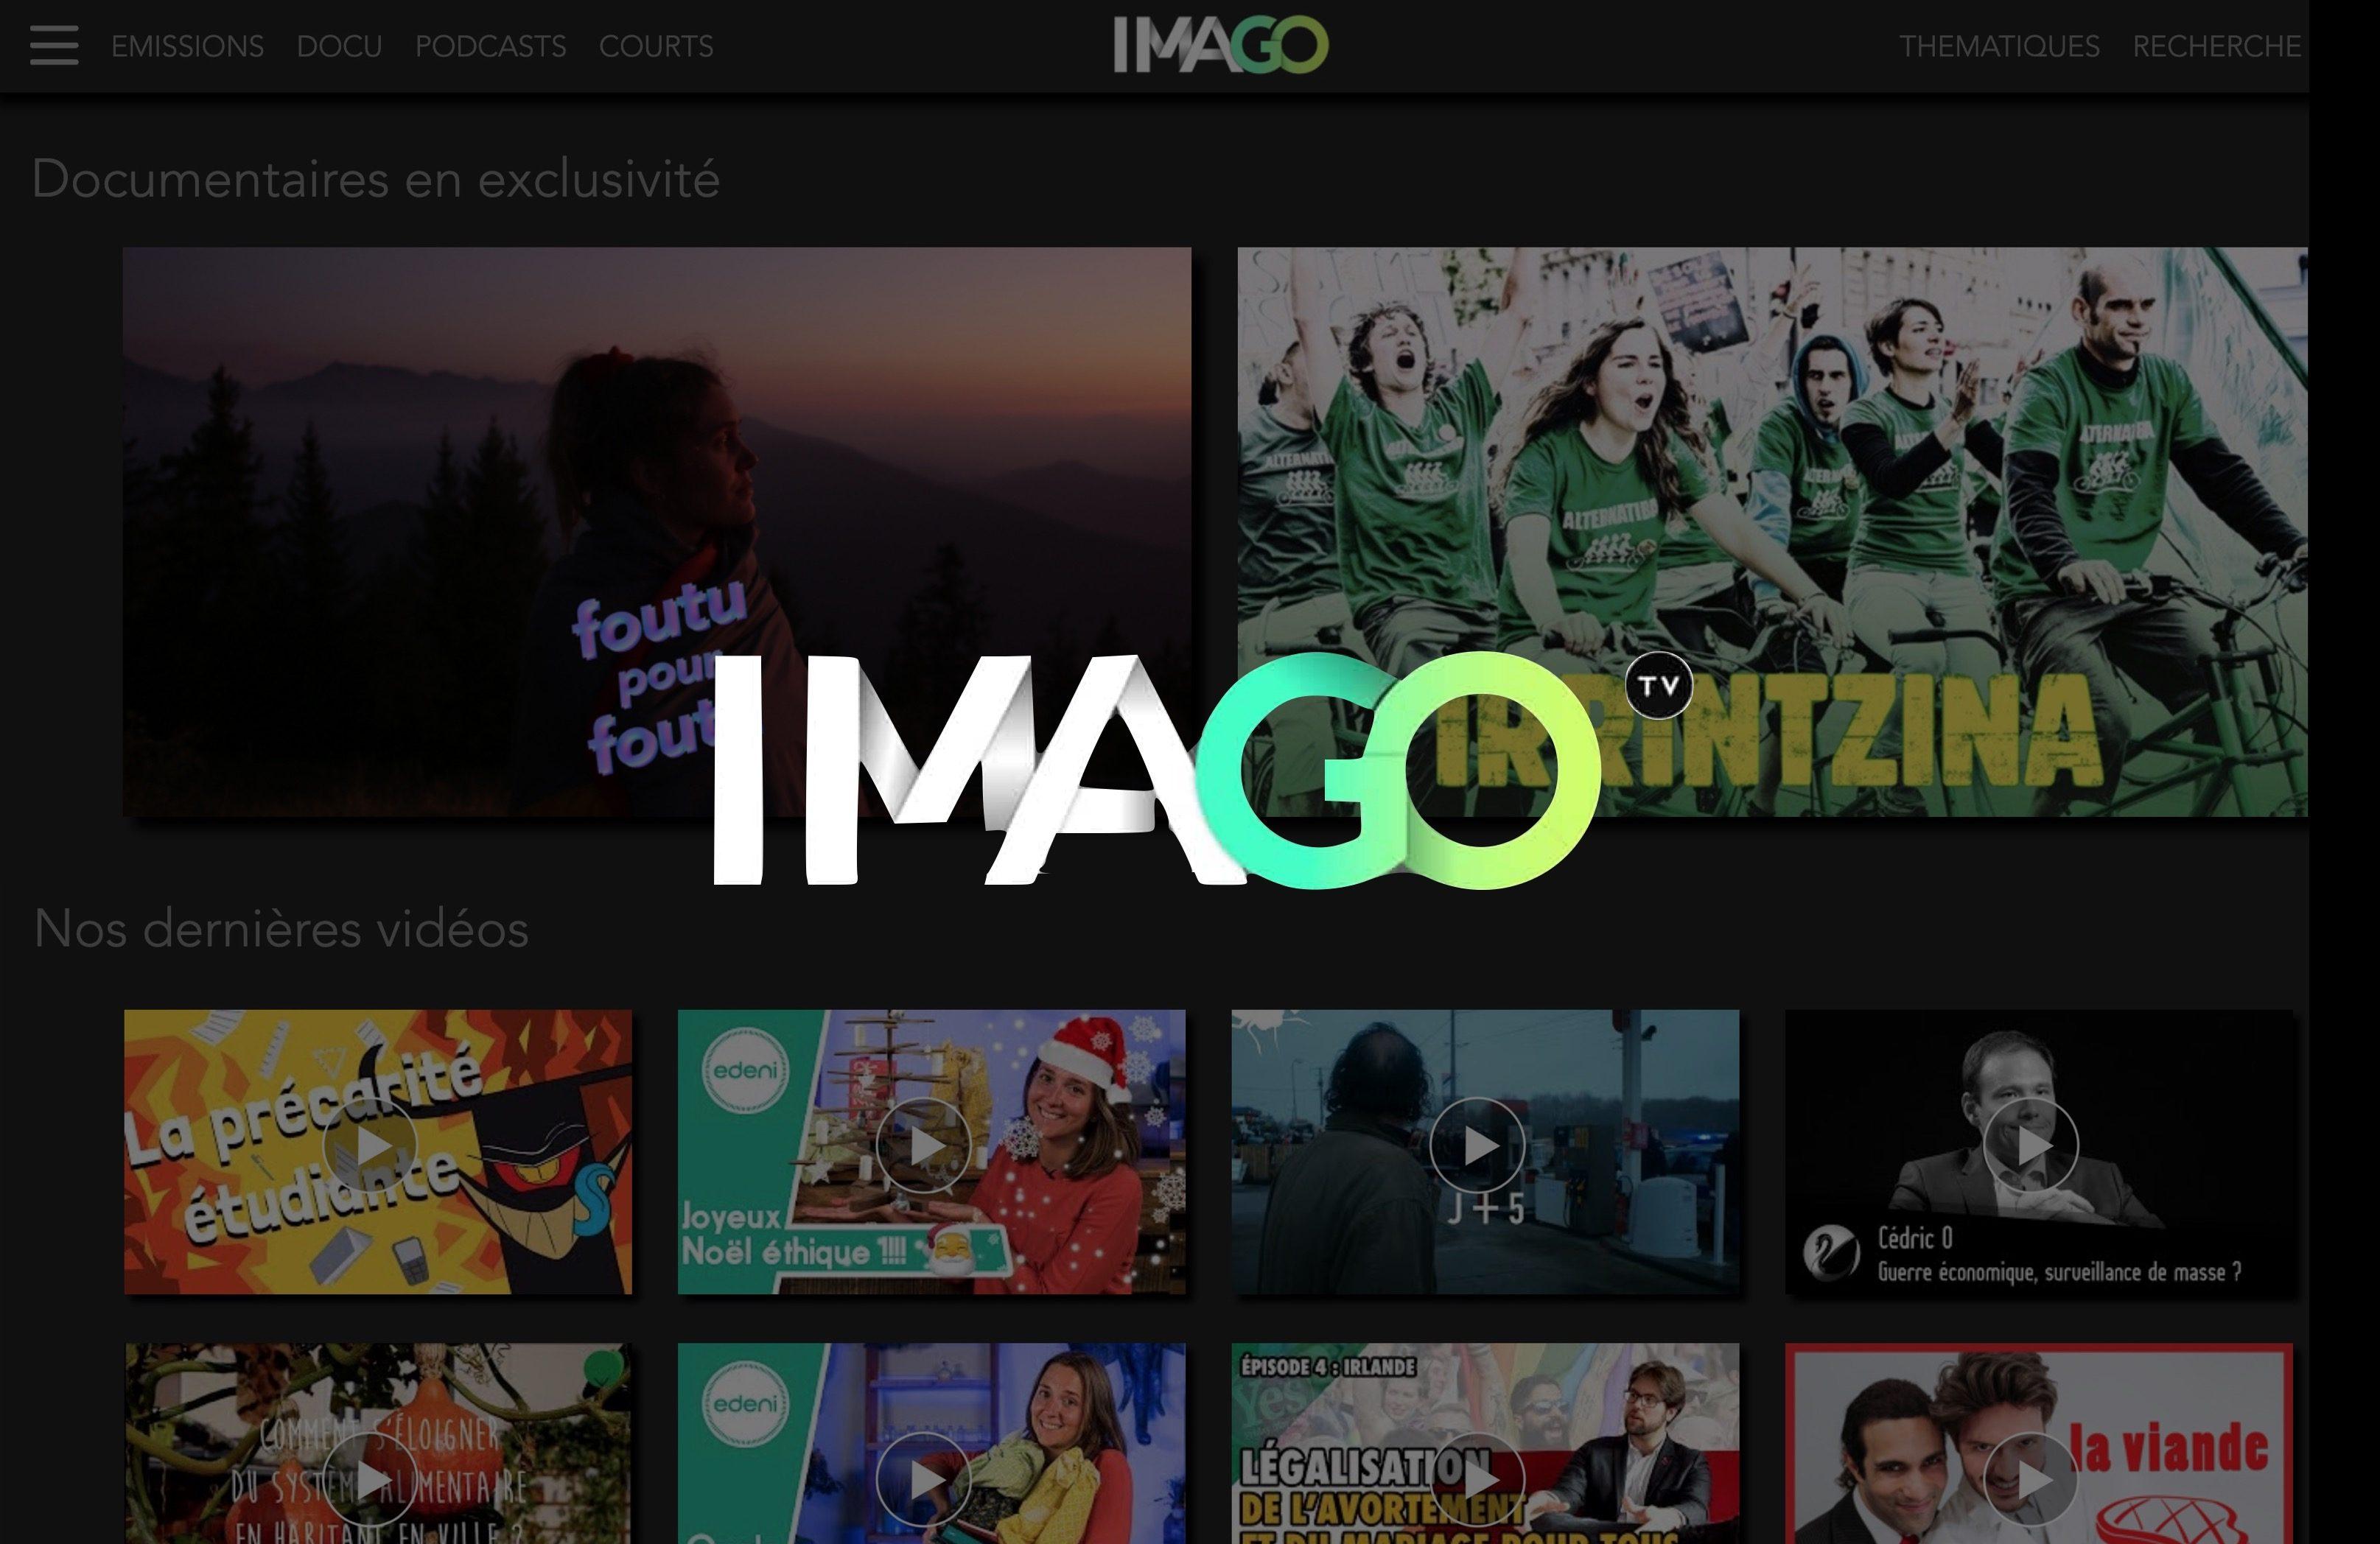 Je regarde des vidéos d'analyse sur Imago TV